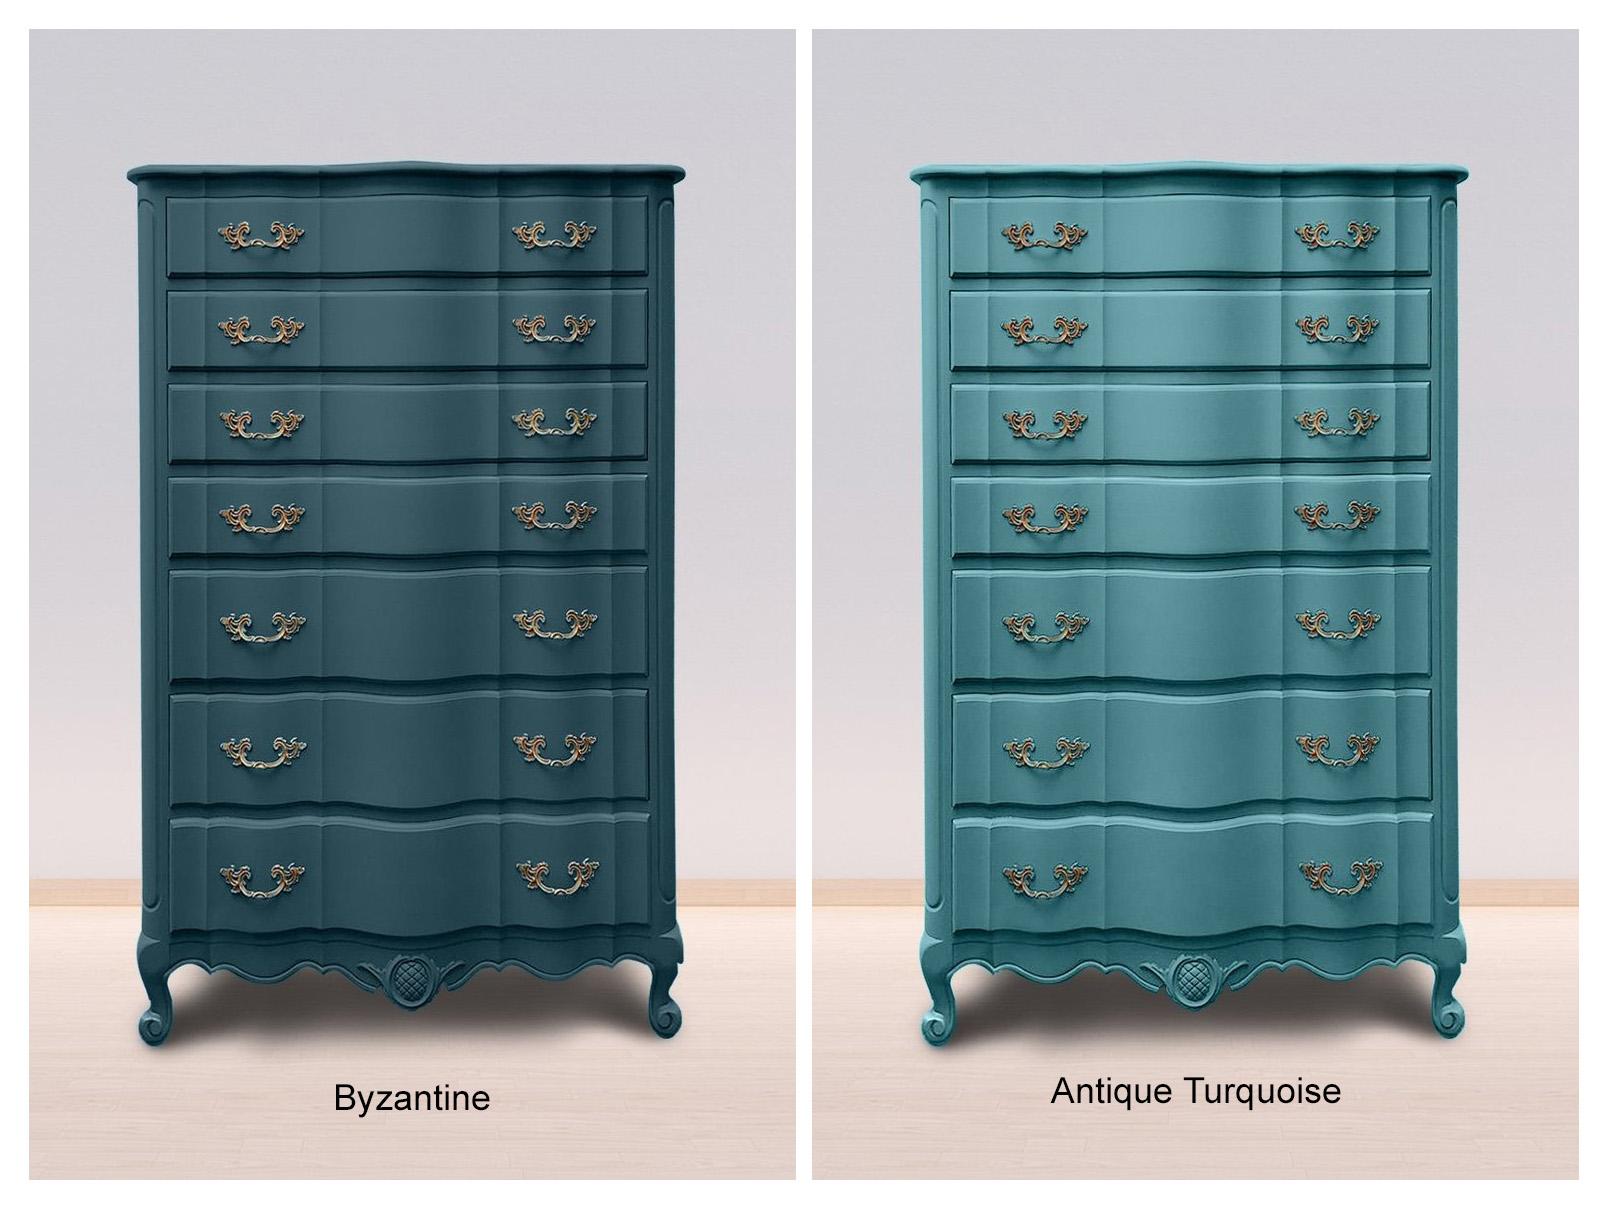 Byzantine Bright Turquoise